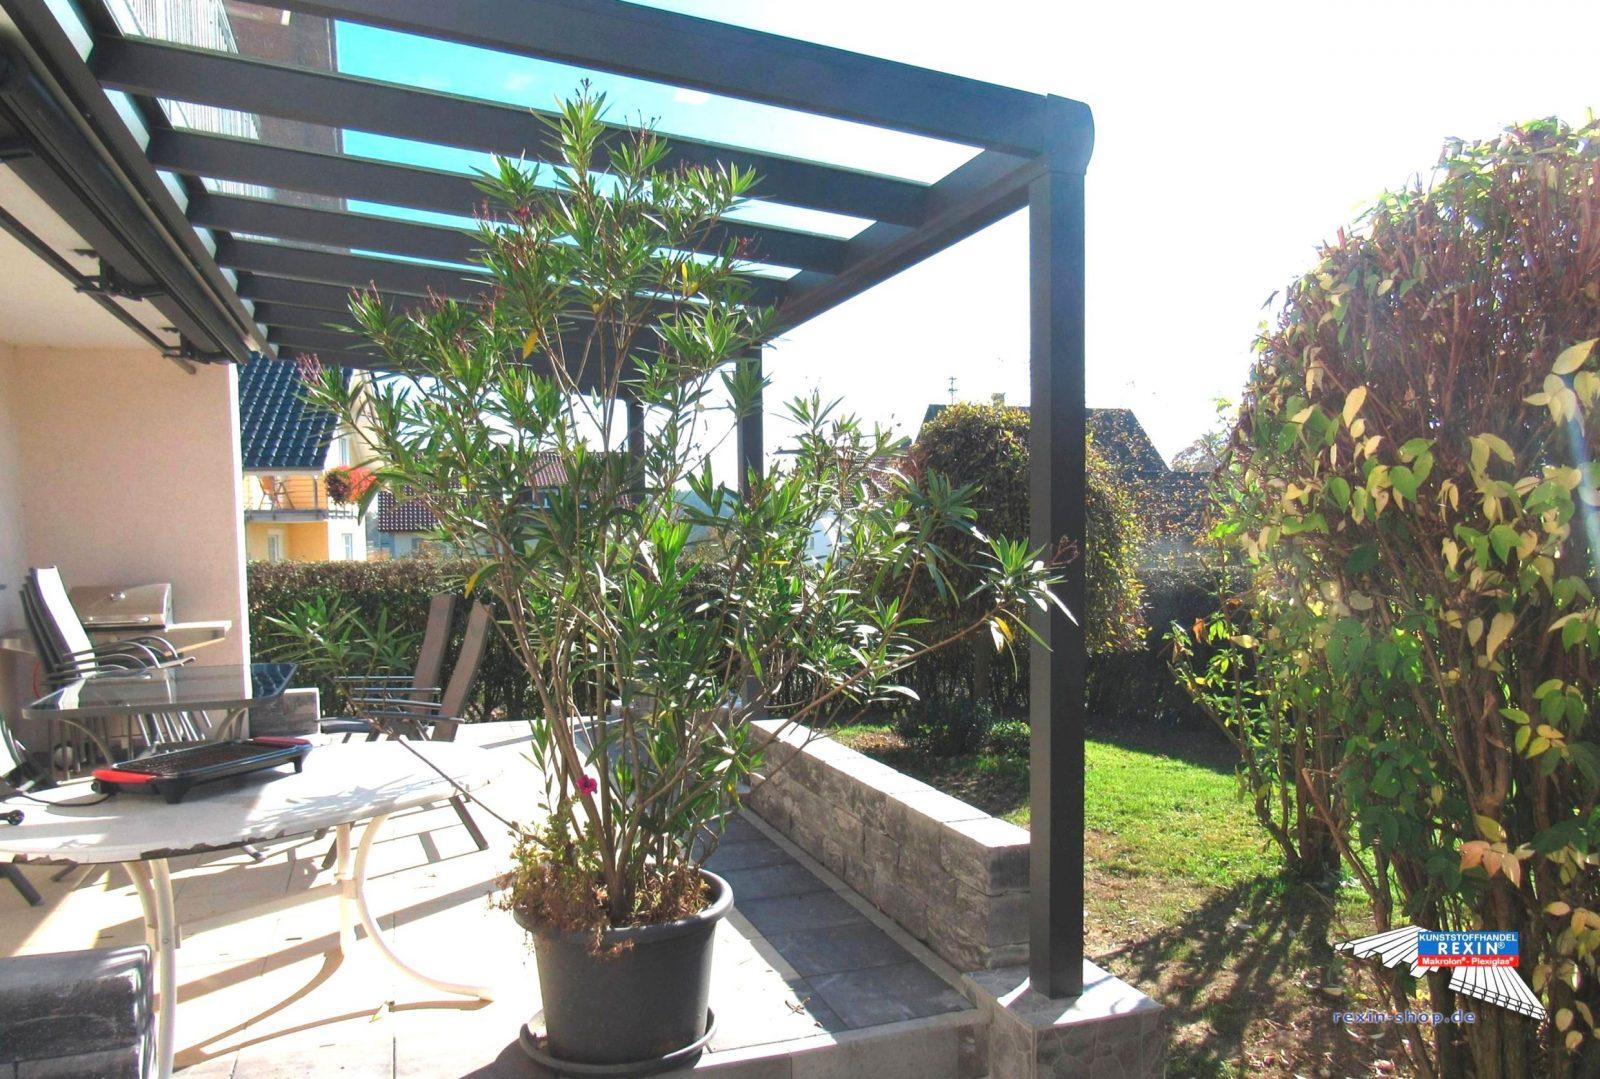 Fantastisch 44 Wintergarten Bausatz Polen Design  Einzigartiger Garten von Wintergarten Aus Polen Kaufen Photo